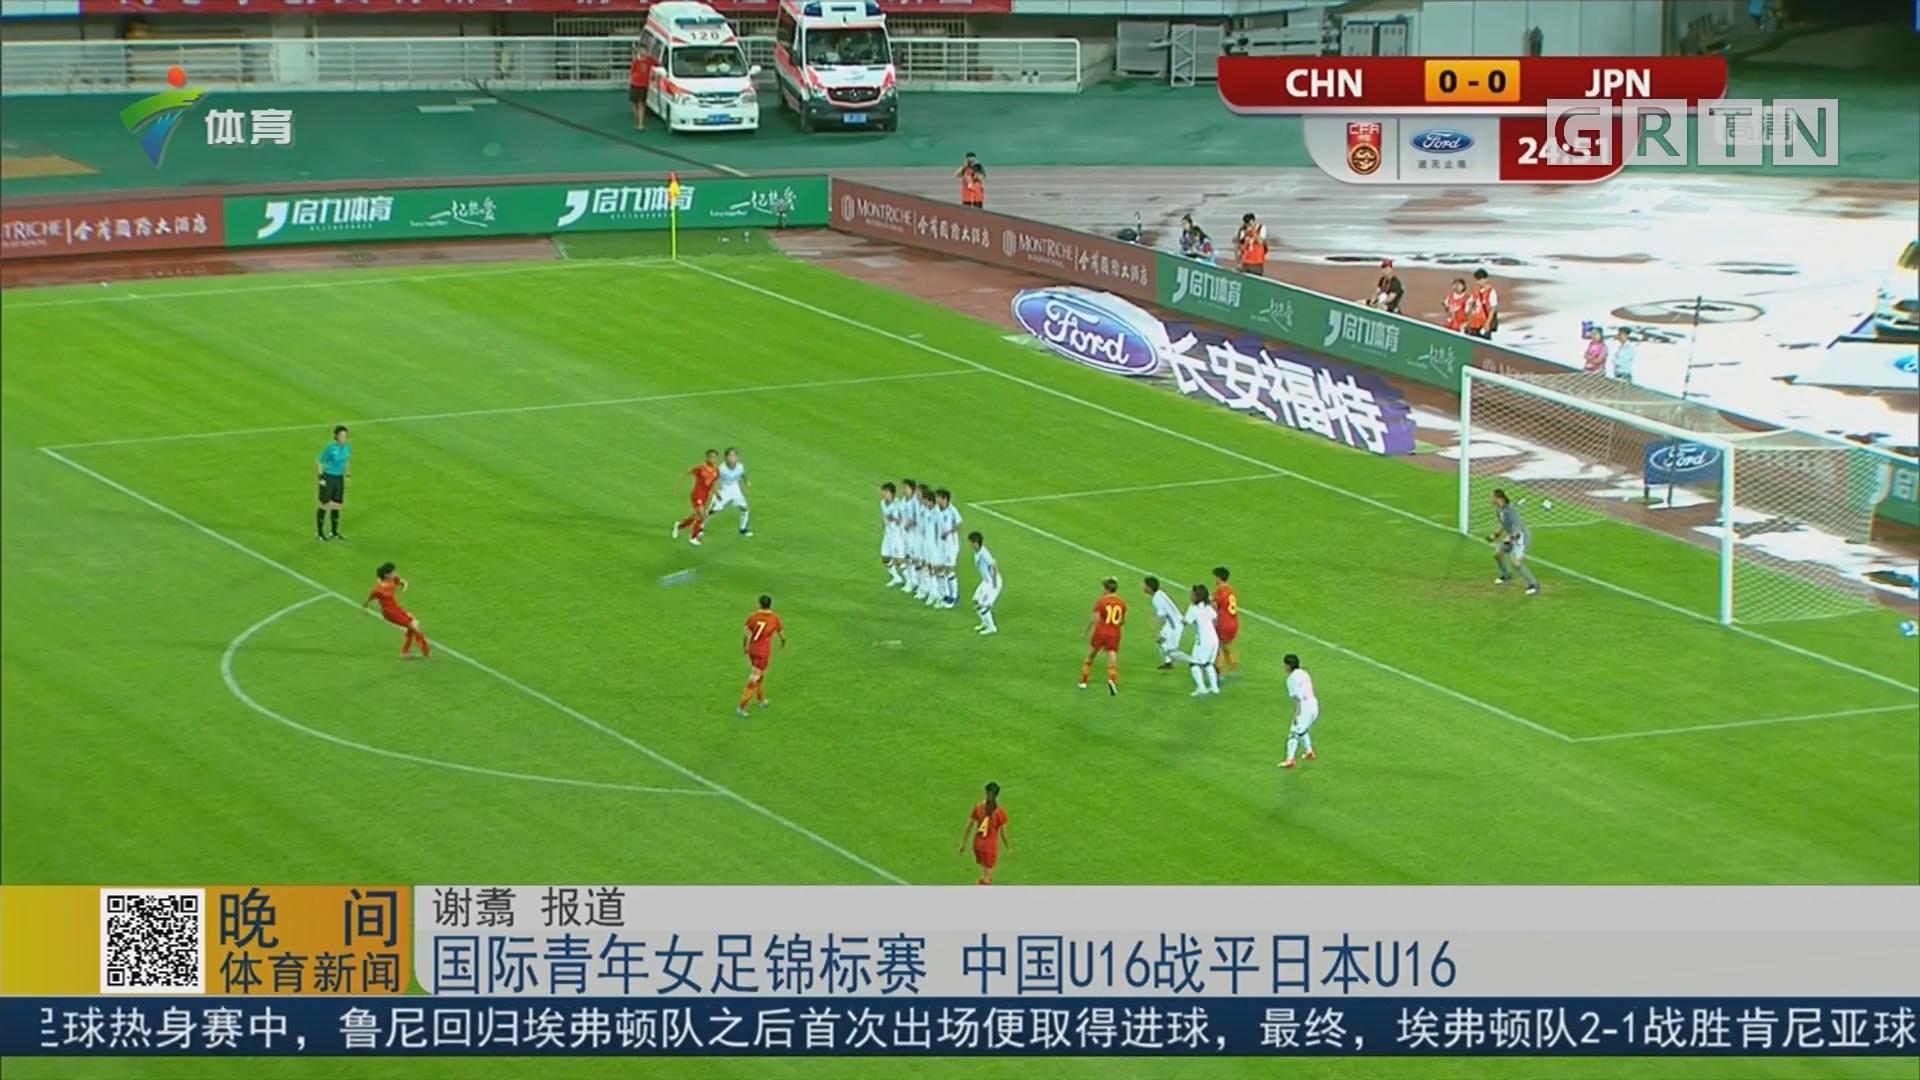 国际青年女足锦标赛 中国U16战平日本U16